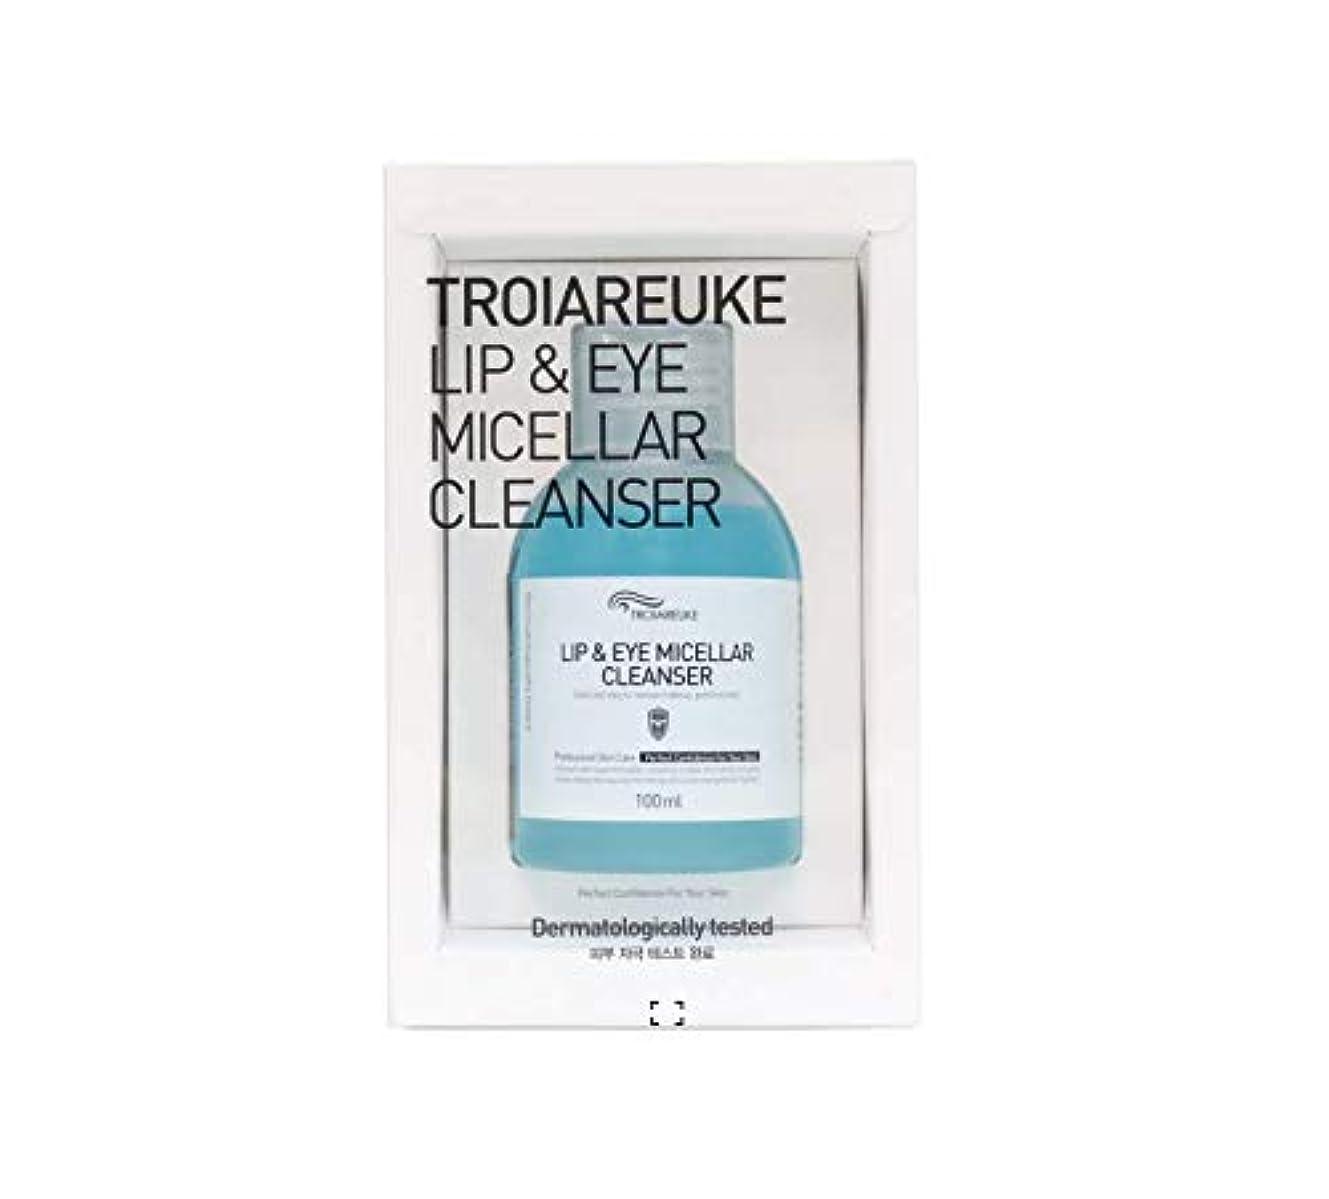 奇妙なチチカカ湖TROIAREUKE (トロイアルケ) リップ & アイ ミセラー クレンザー / Lip & Eye Micellar Cleanser (100ml) [並行輸入品]